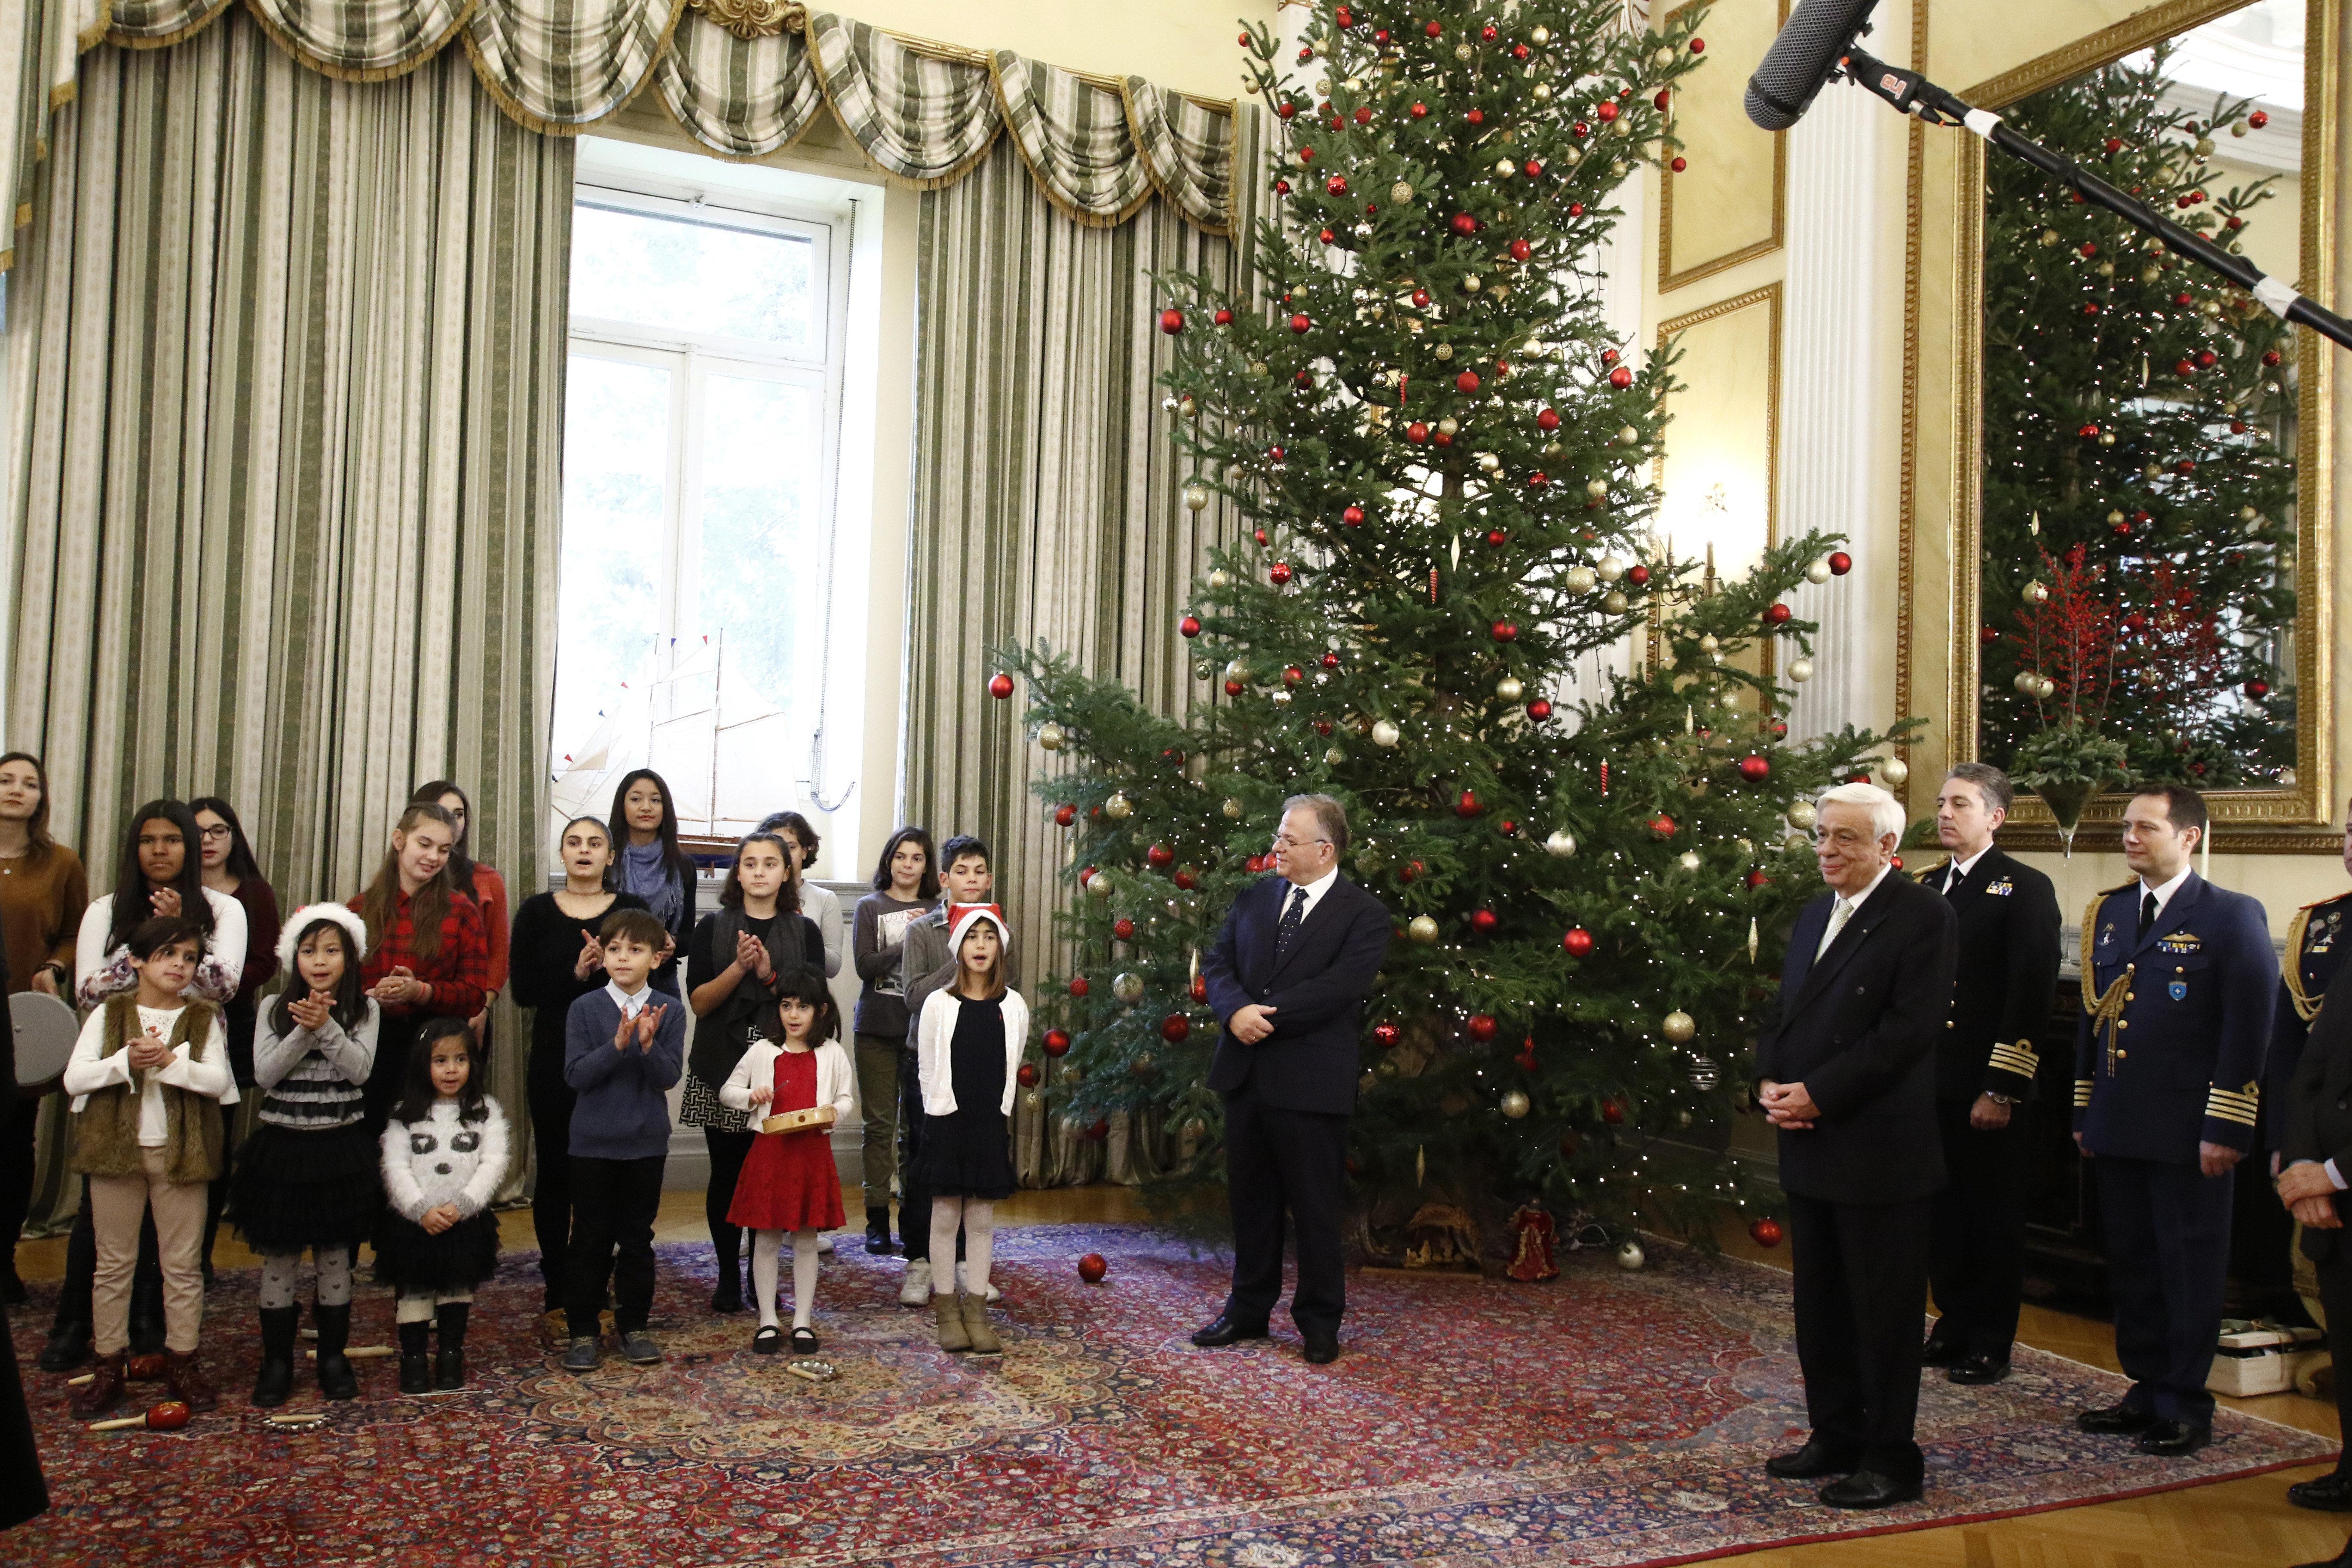 Χριστουγεννιάτικος «εξάψαλμος» Παυλόπουλου στην Τουρκία για τη συνθήκη της